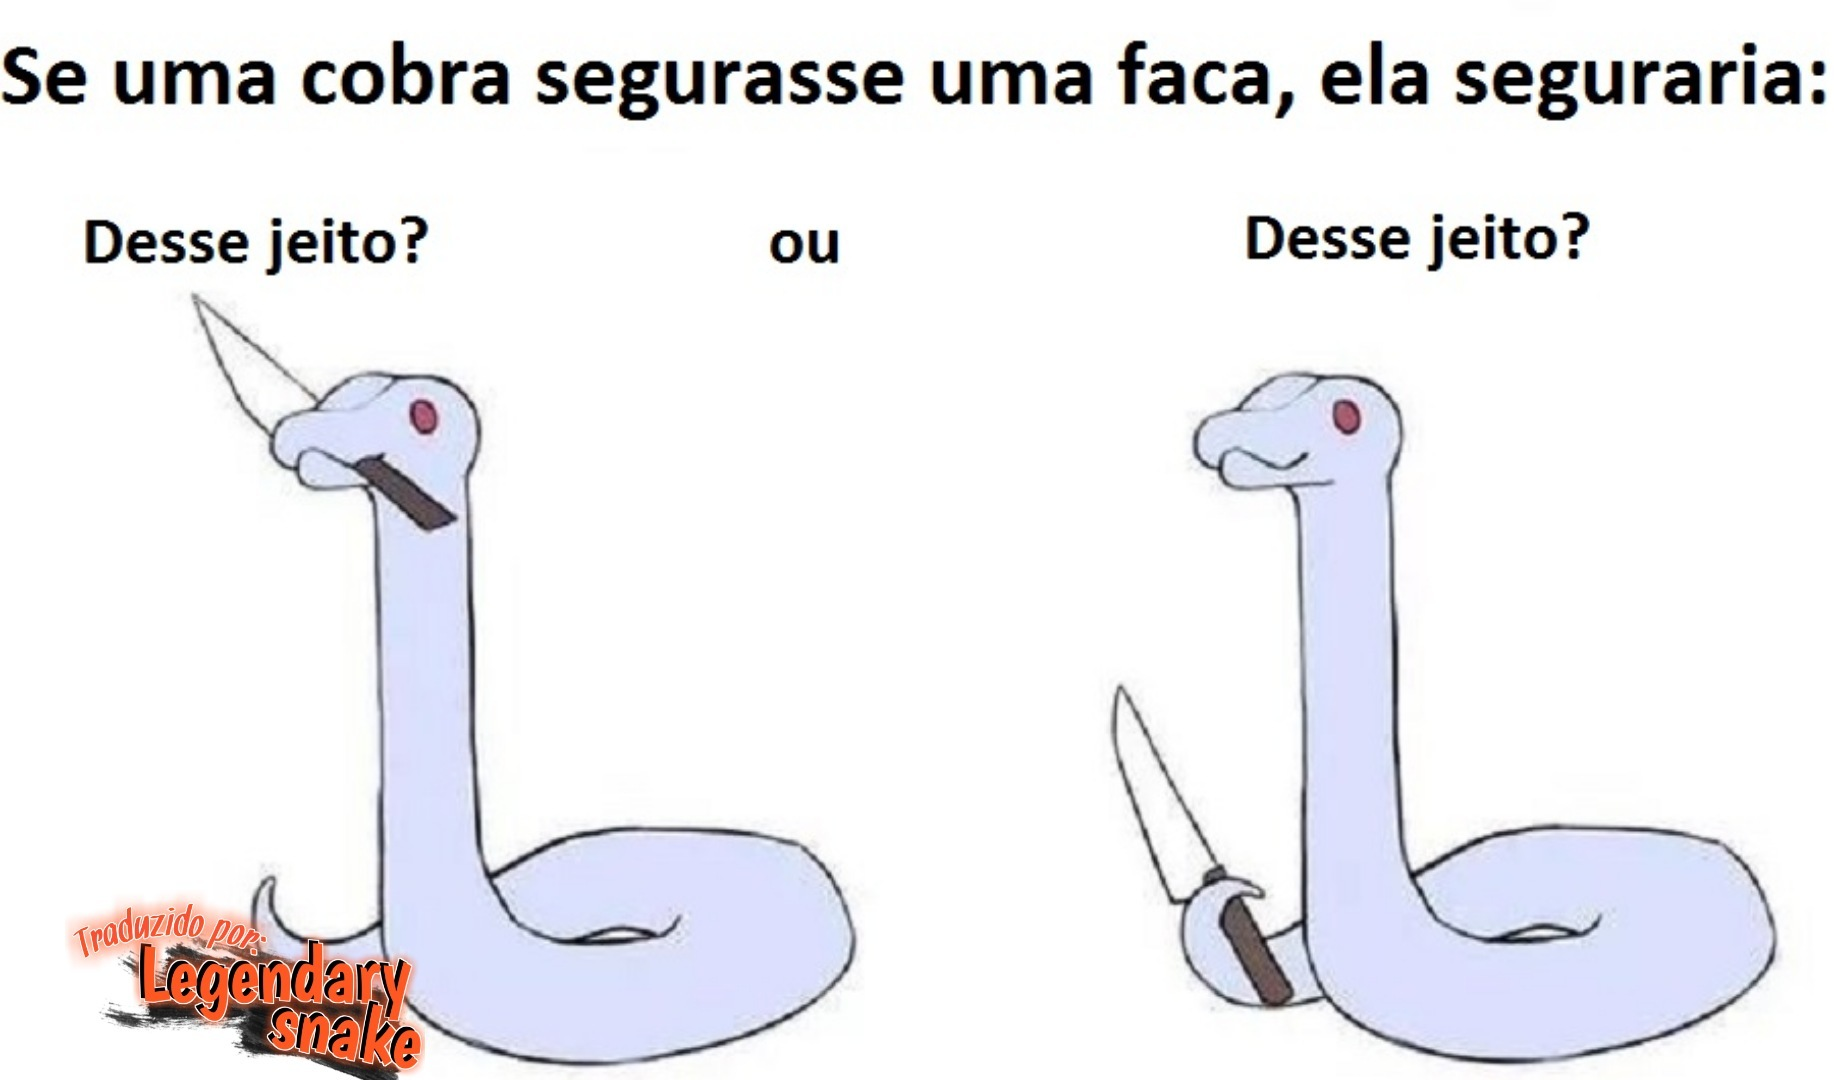 Snake?! - meme